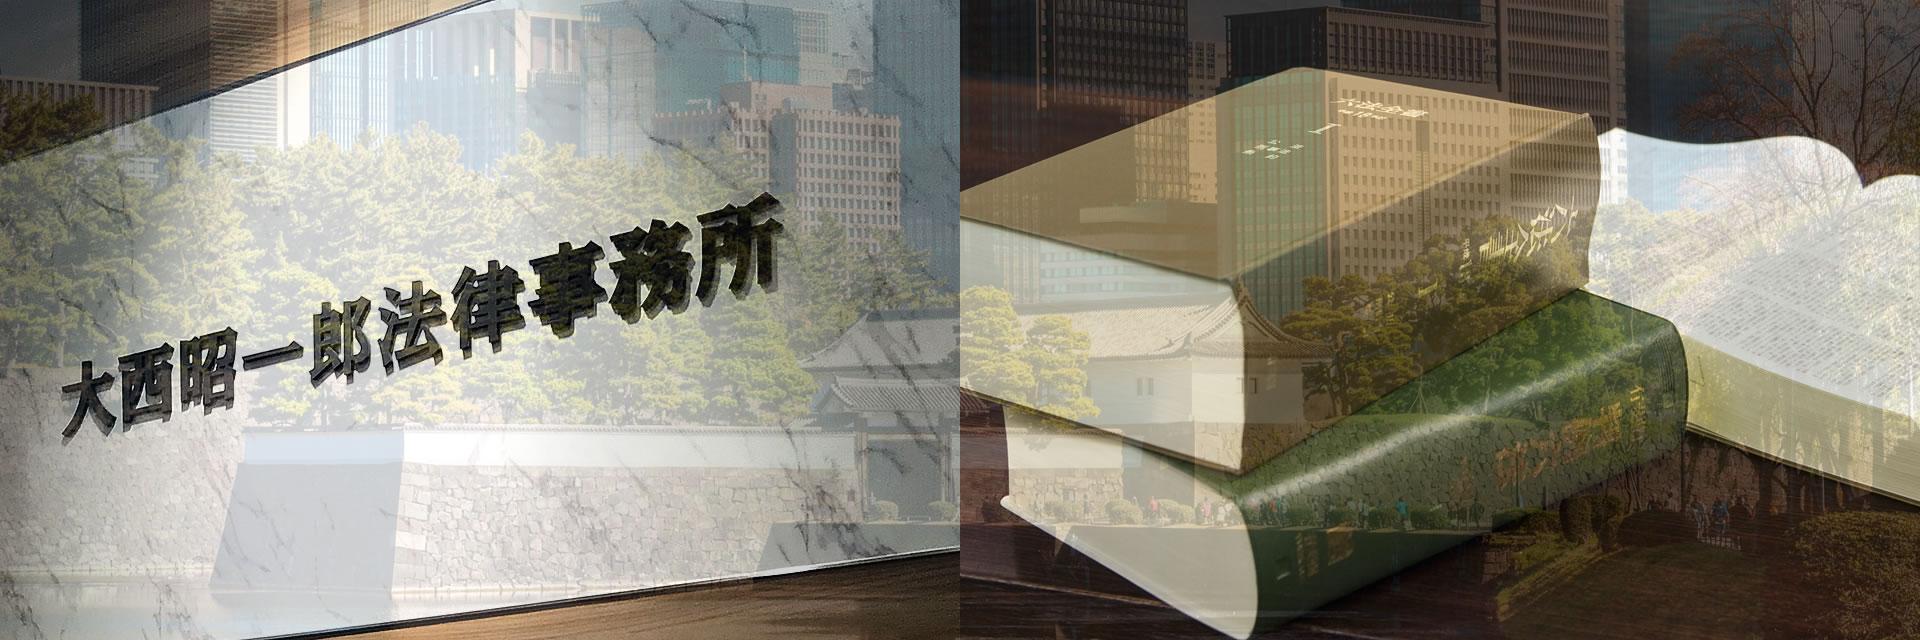 第一弁護士法人 大西昭一郎法律事務所